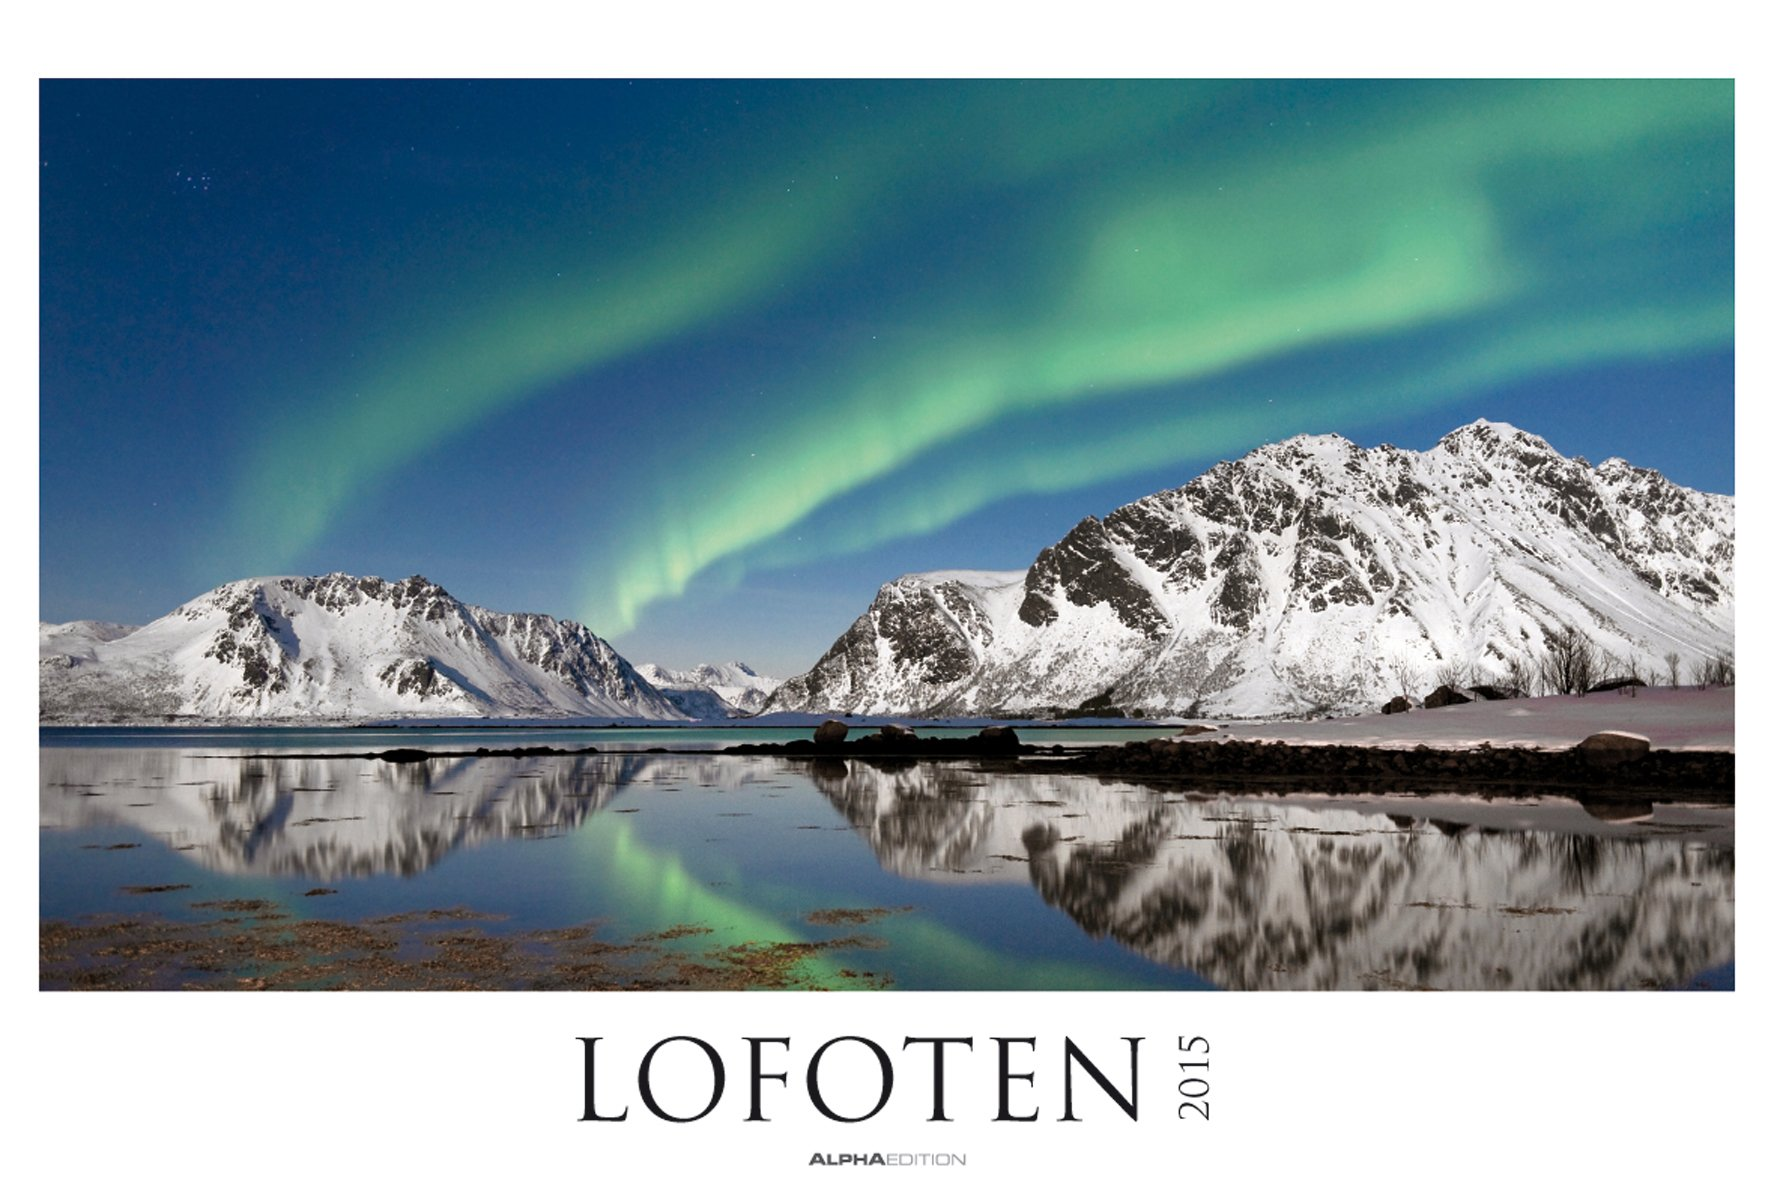 lofoten-2015-nordmeer-norwegen-bildkalender-xxl-68-x-46-landschaftskalender